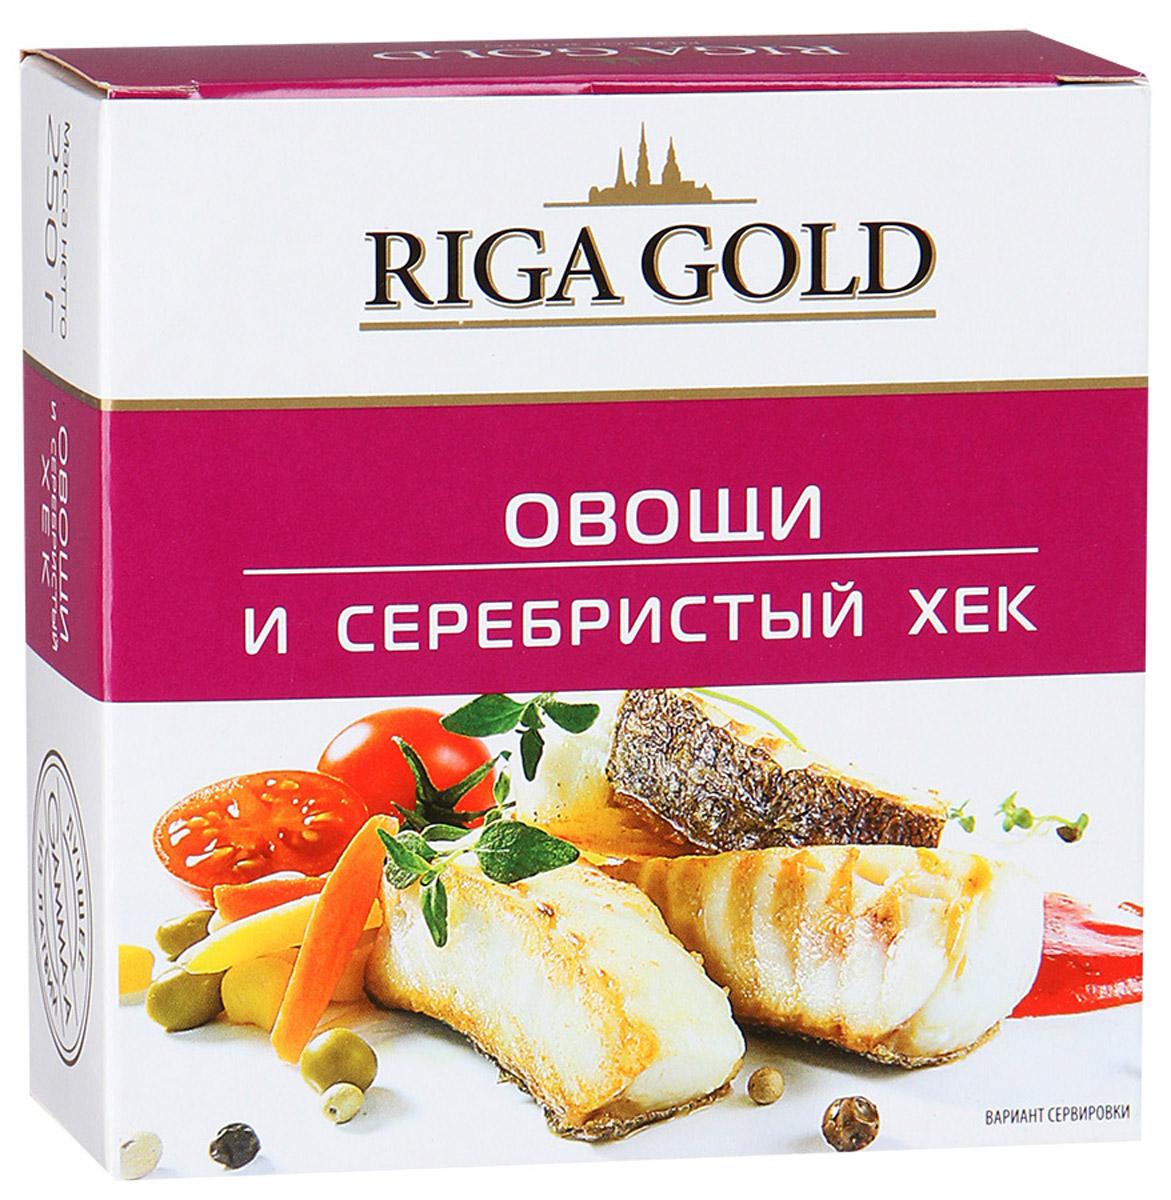 Рижское золото овощи и серебристый хек, 250 г рижское золото овощи и норвежский лосось 250 г